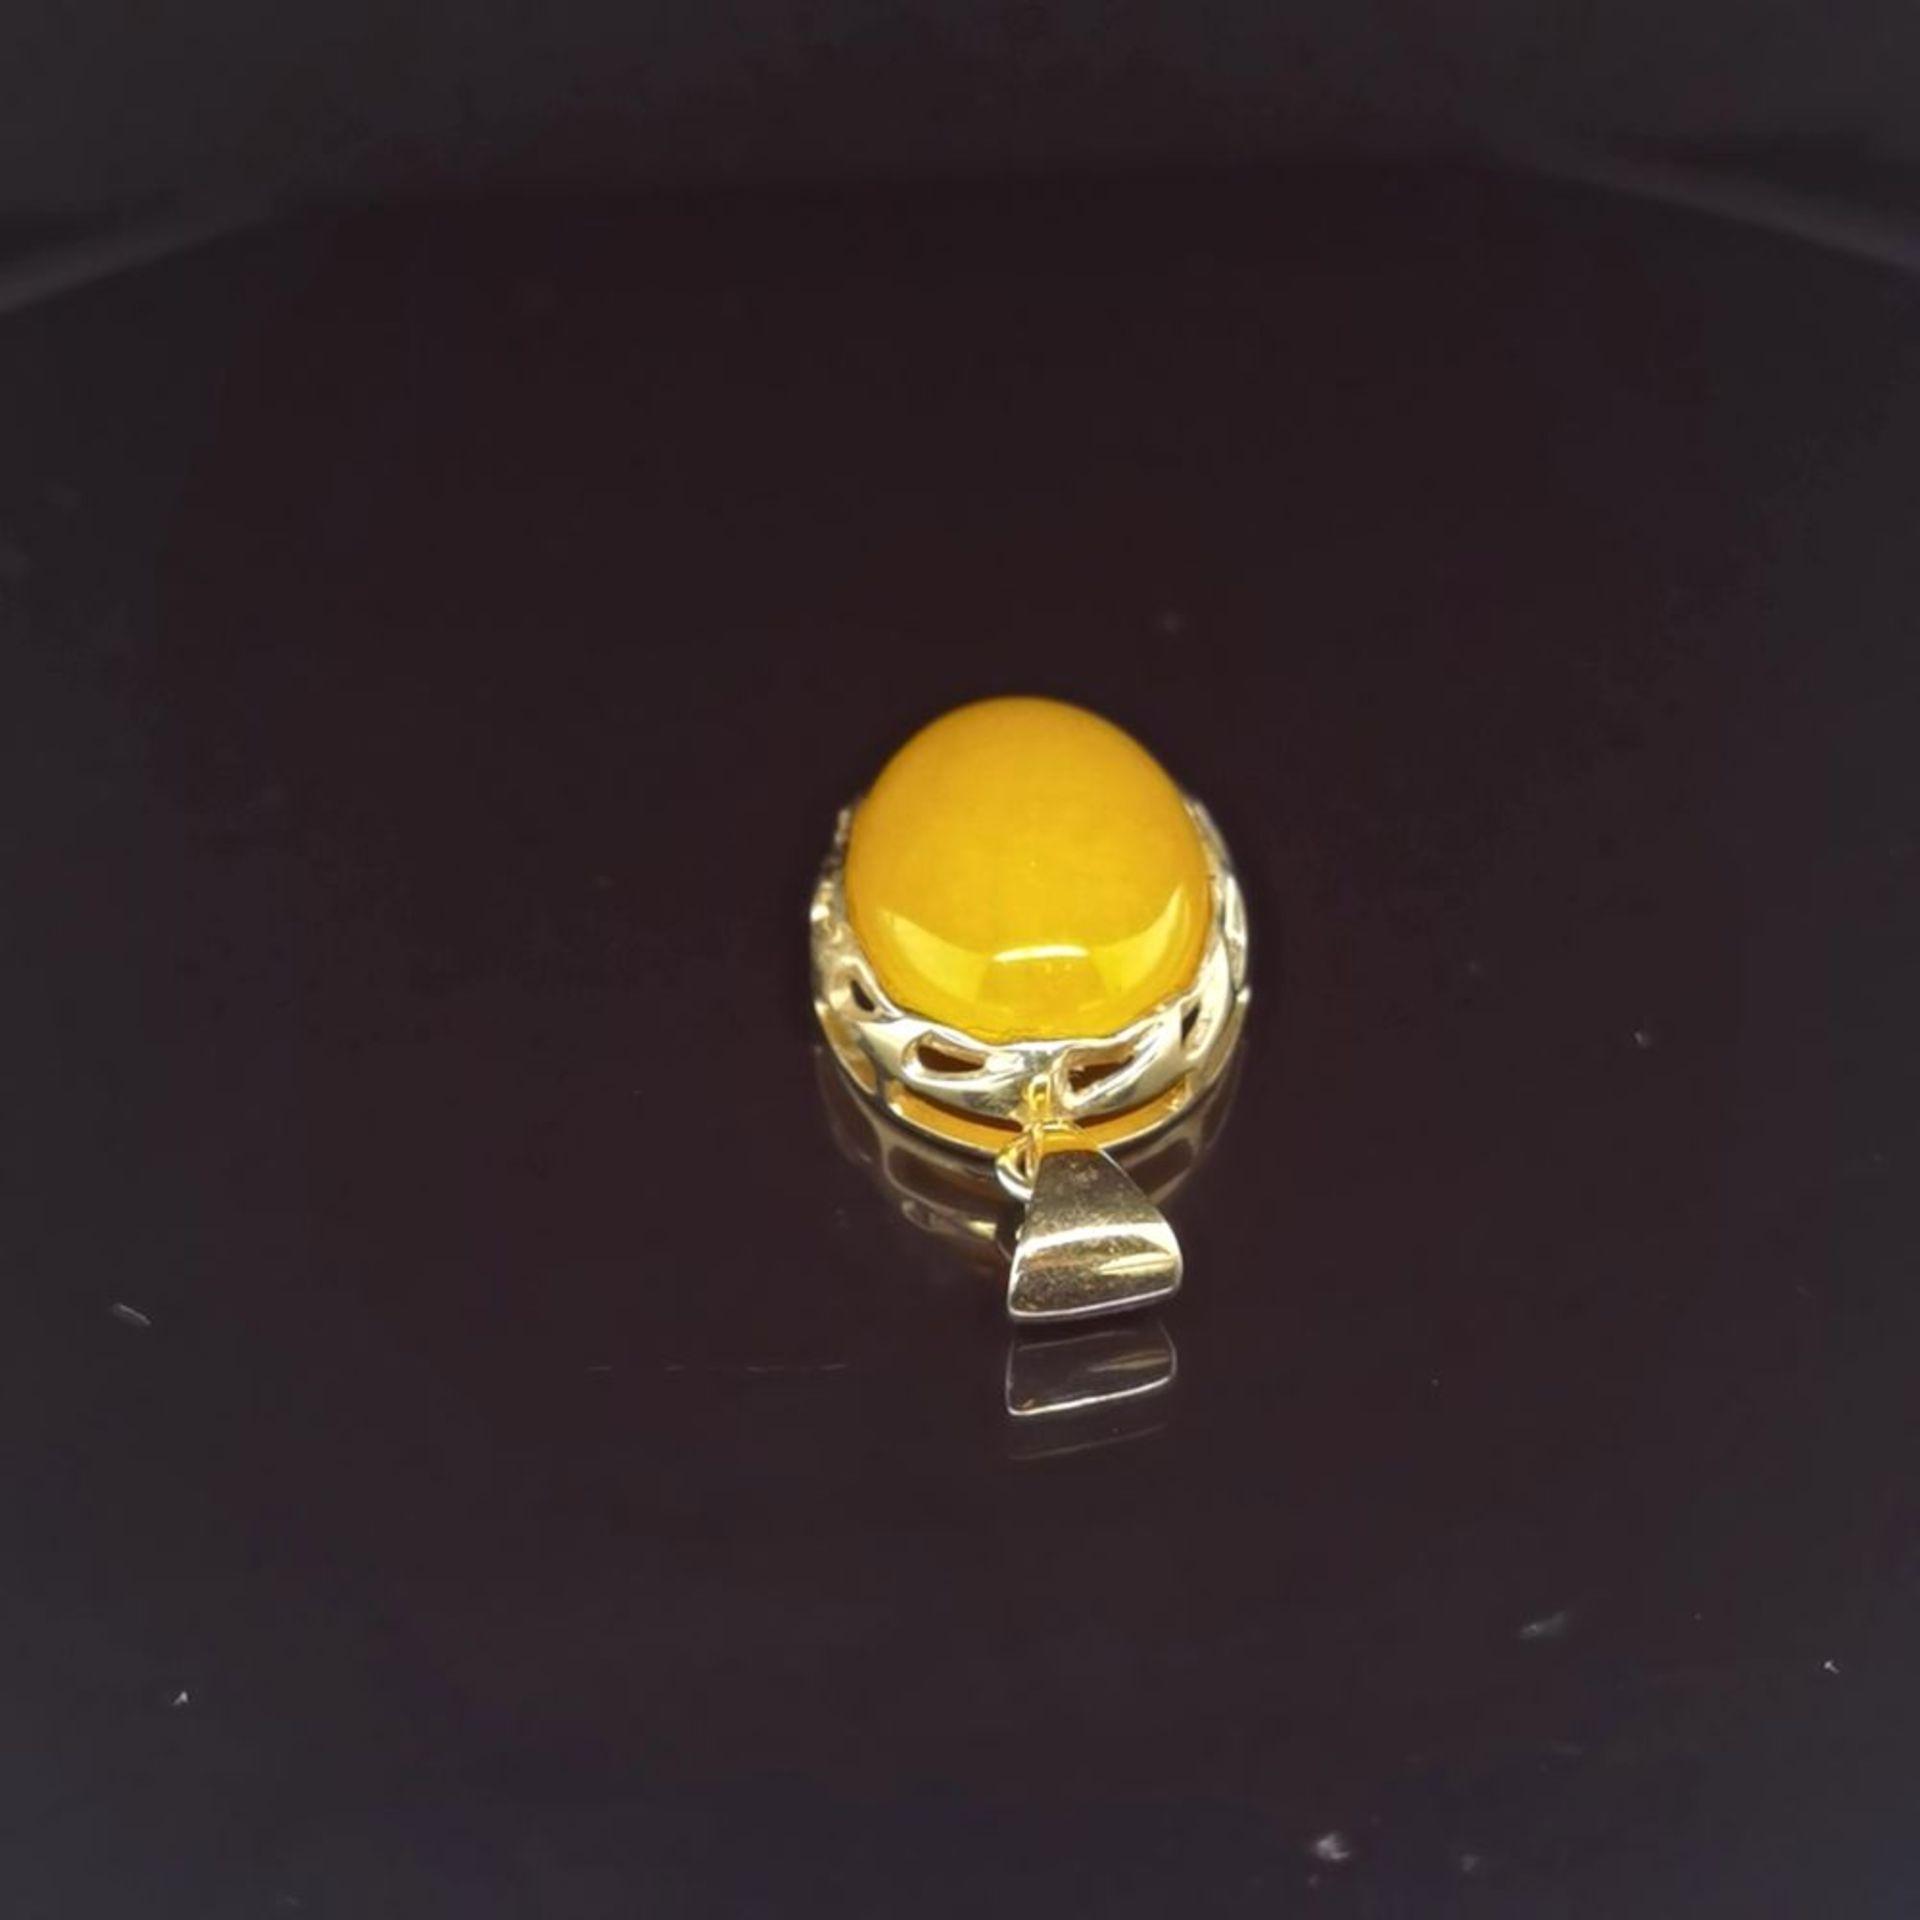 Bernstein-Anhänger, 375 Gelbgold 4,2 - Image 2 of 3